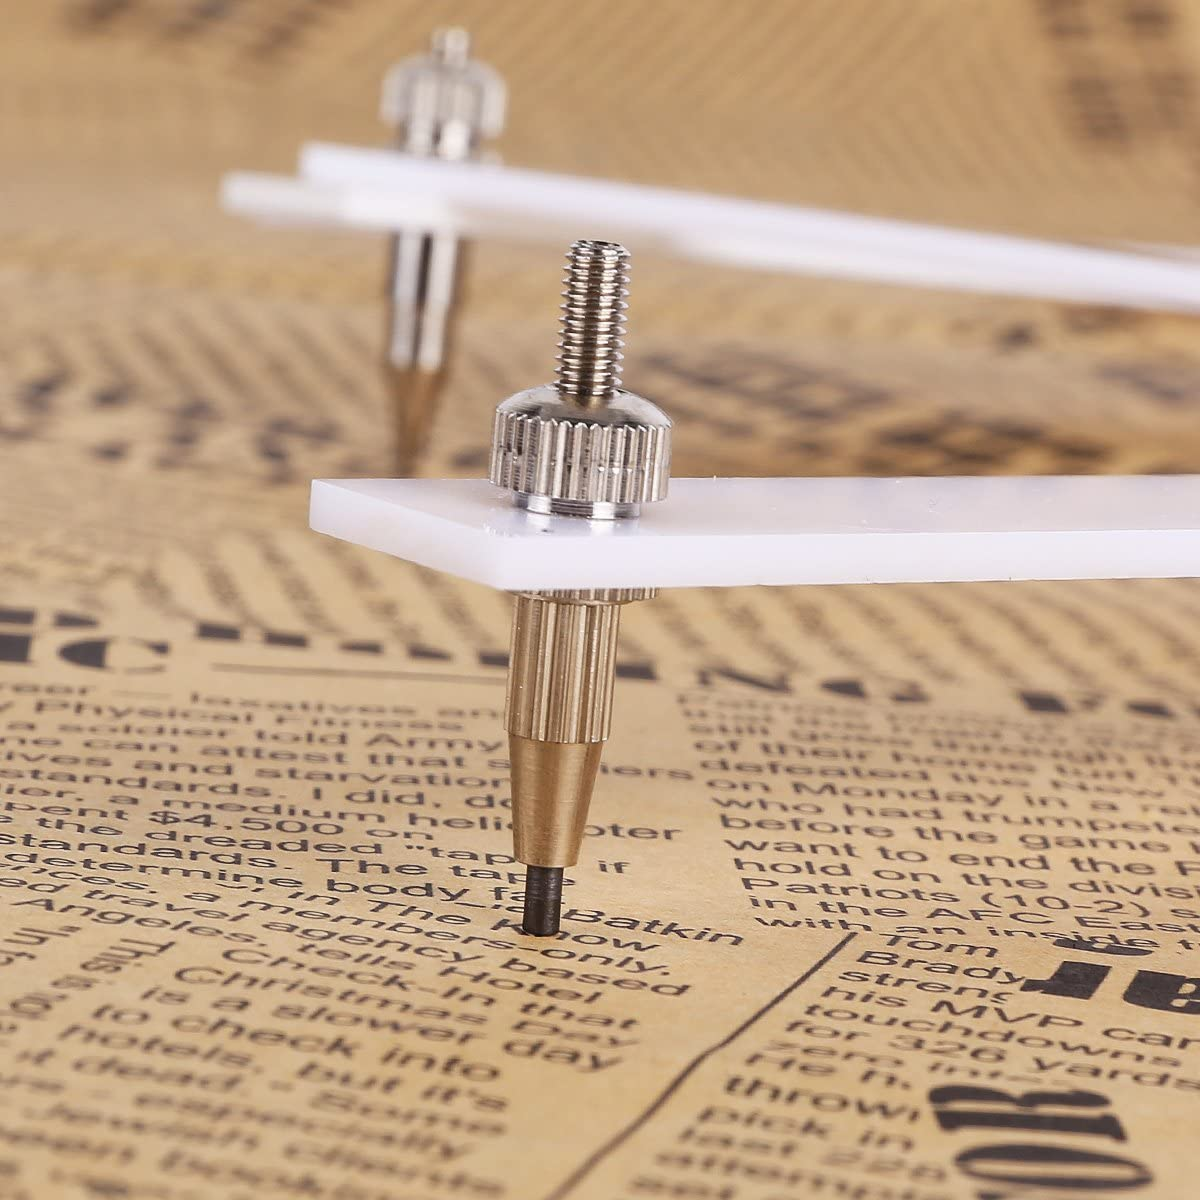 Pantograph Pantograf Storchenschnabel 34cm vergrößern kopieren verkleinern 34cm